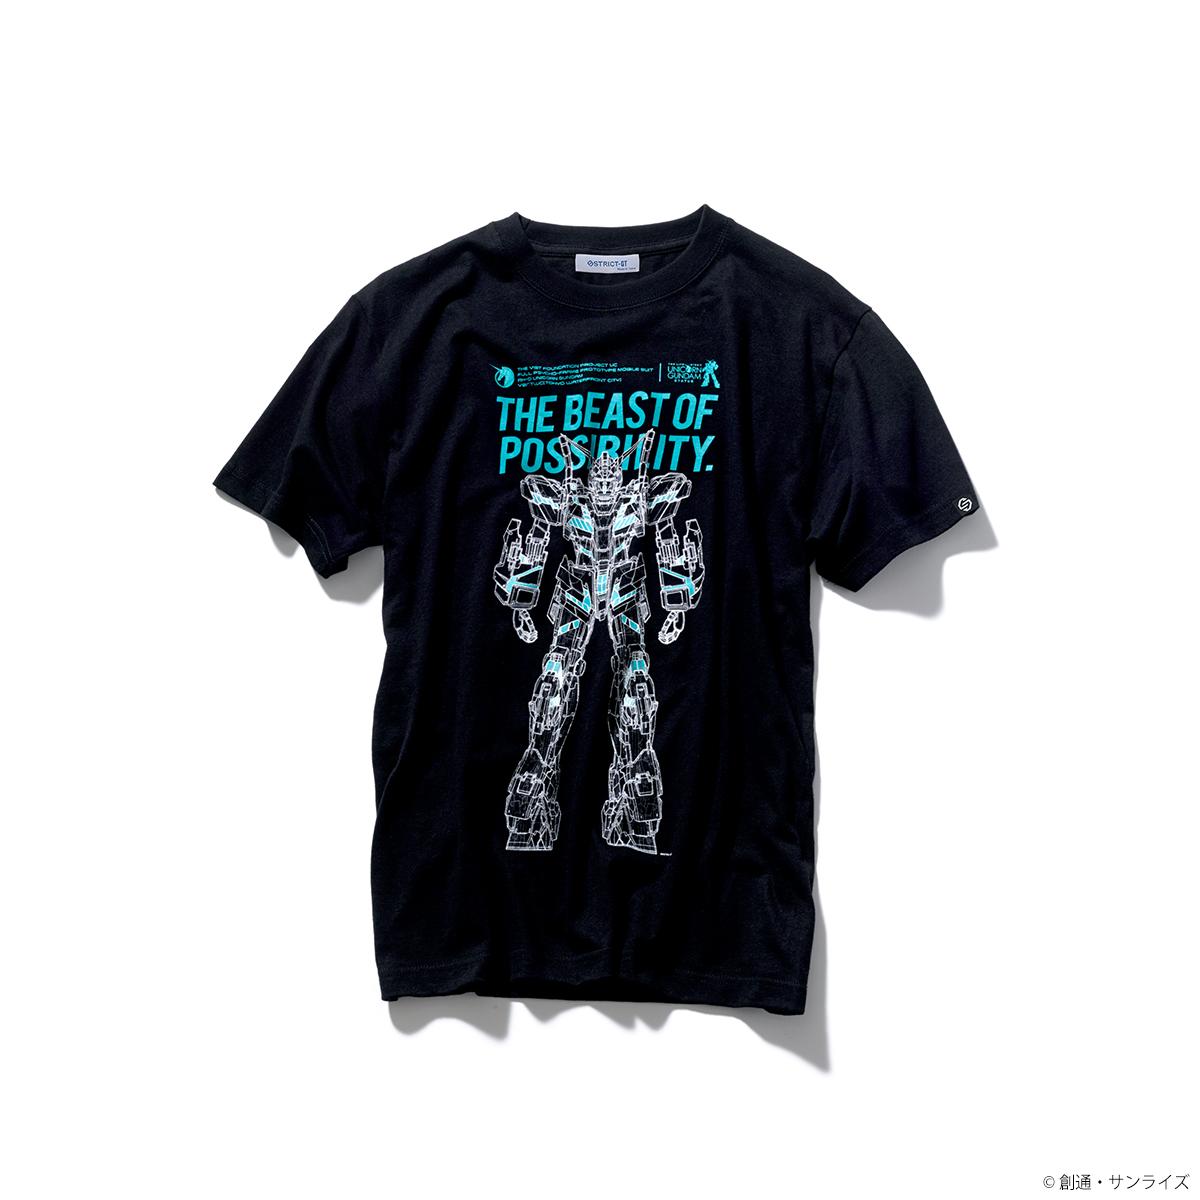 『実物大ユニコーンガンダム立像』Tシャツ 透視図柄 グリーンフレーム